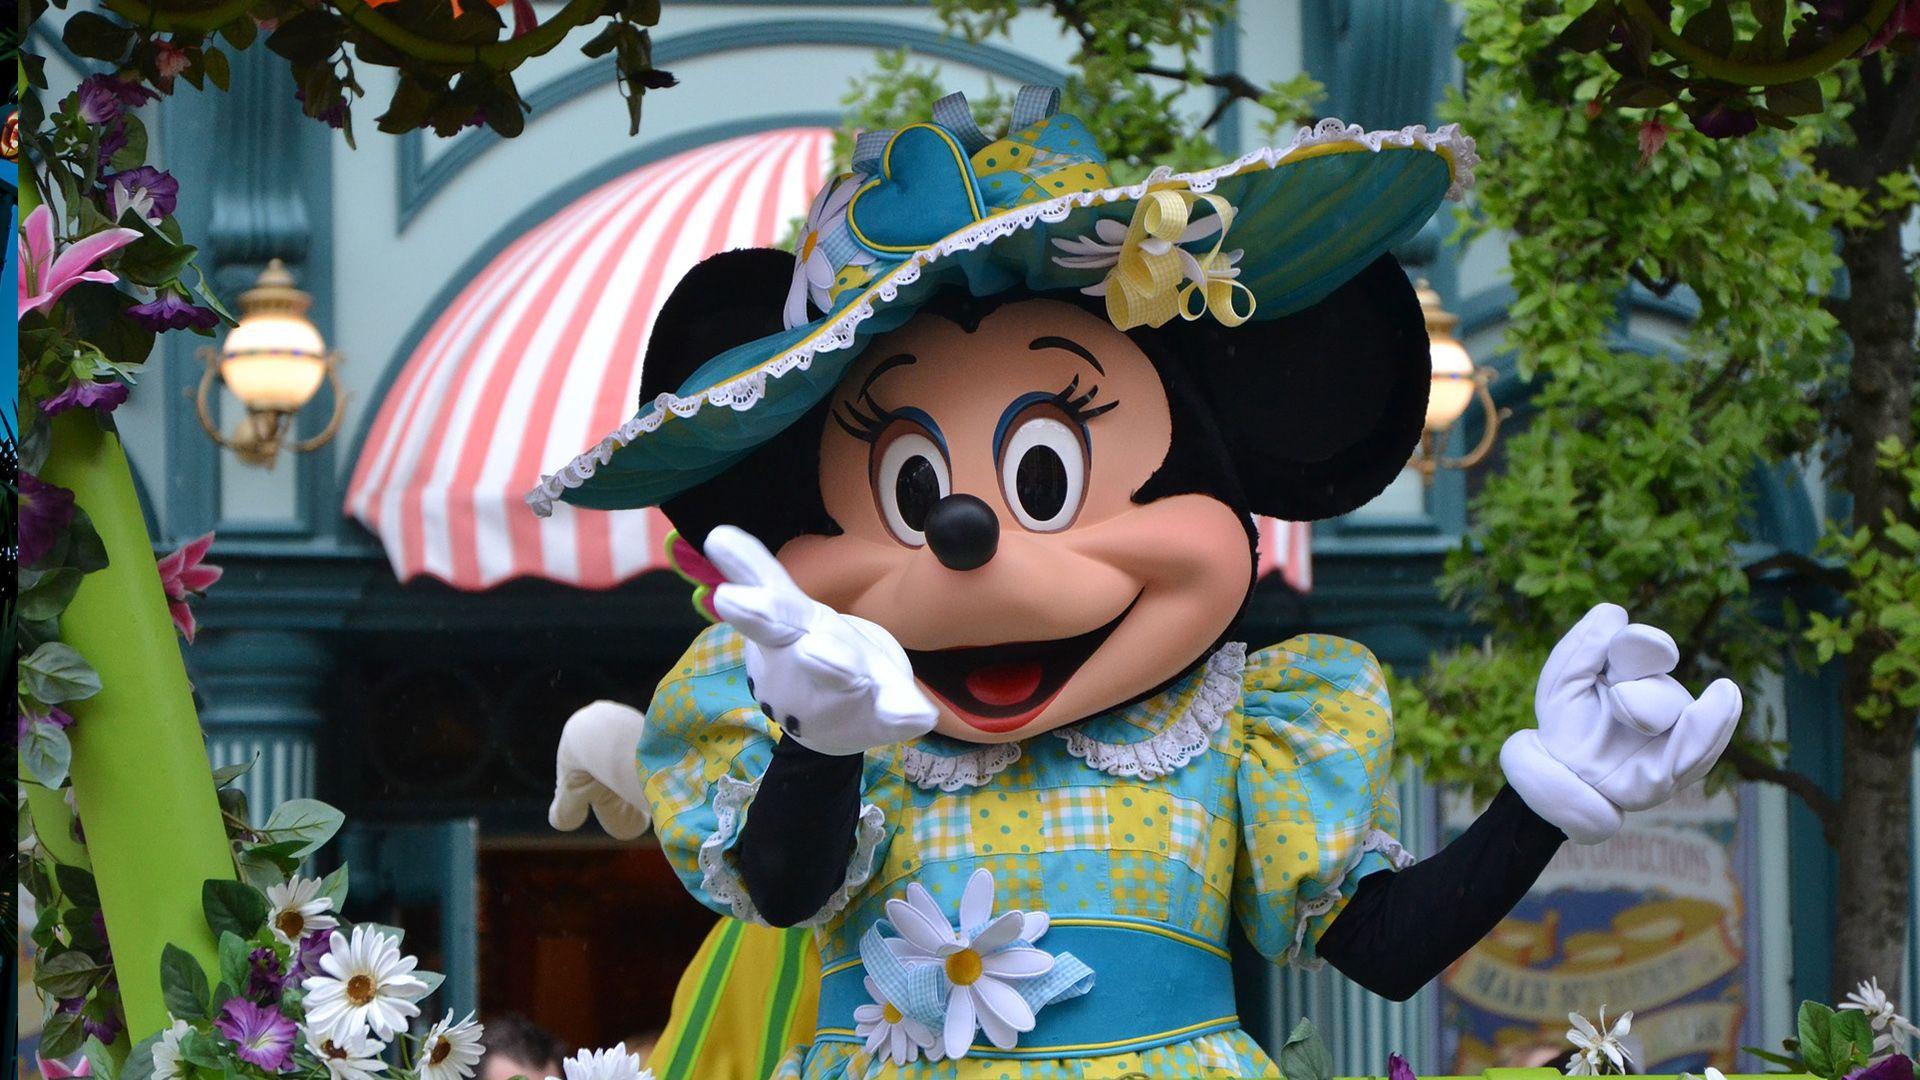 Descubras os encantos dos personagens da Disney.